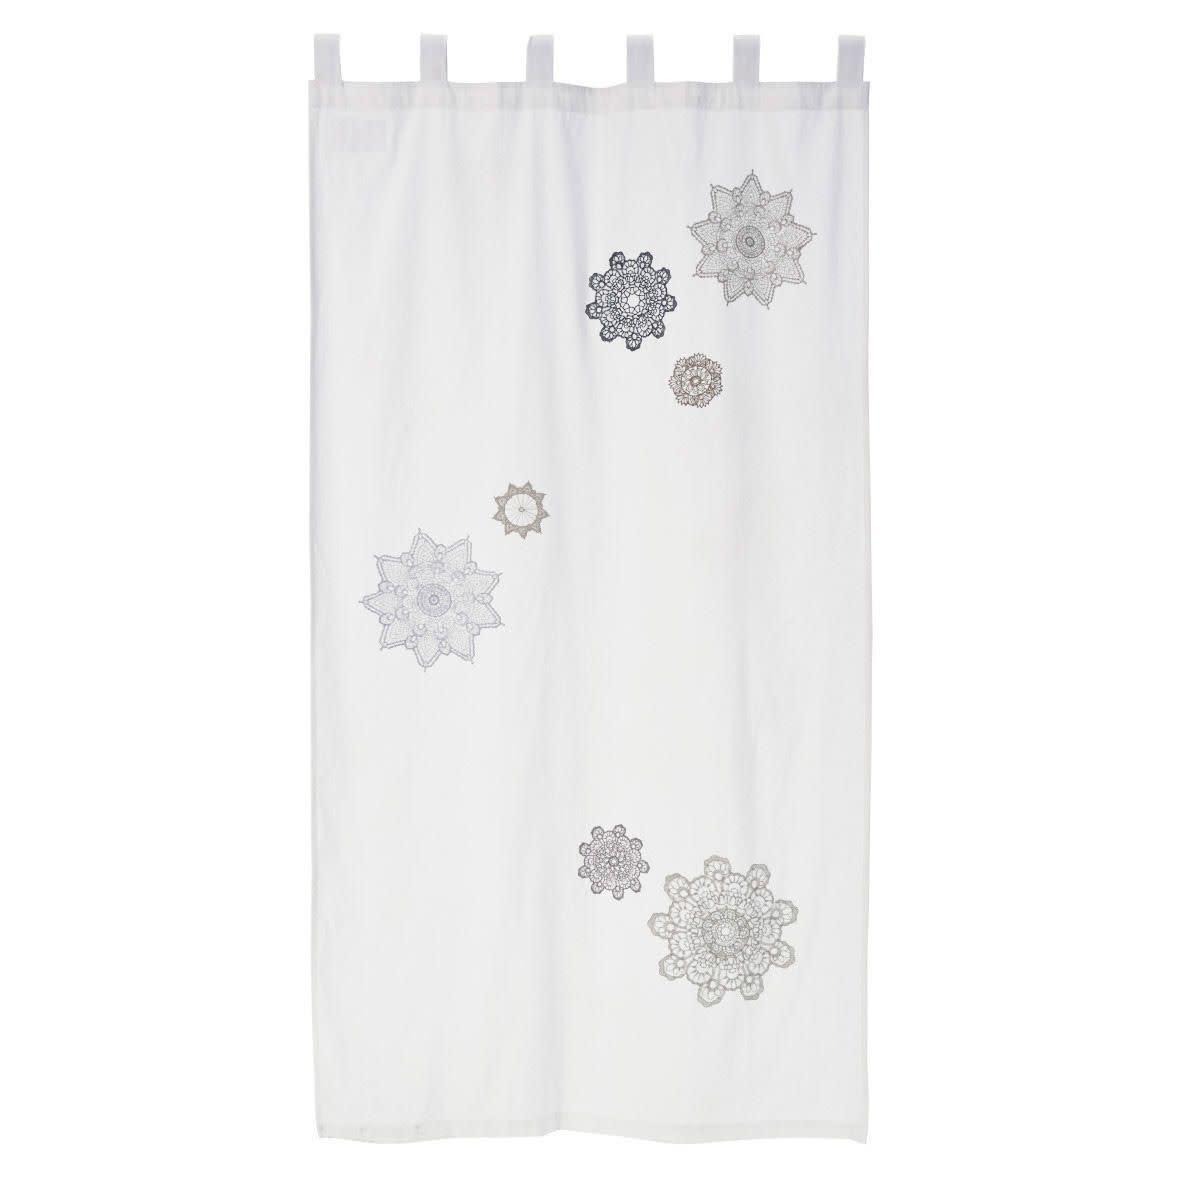 Vorhang, Blumenornamente, Baumwolle (Impressionen)